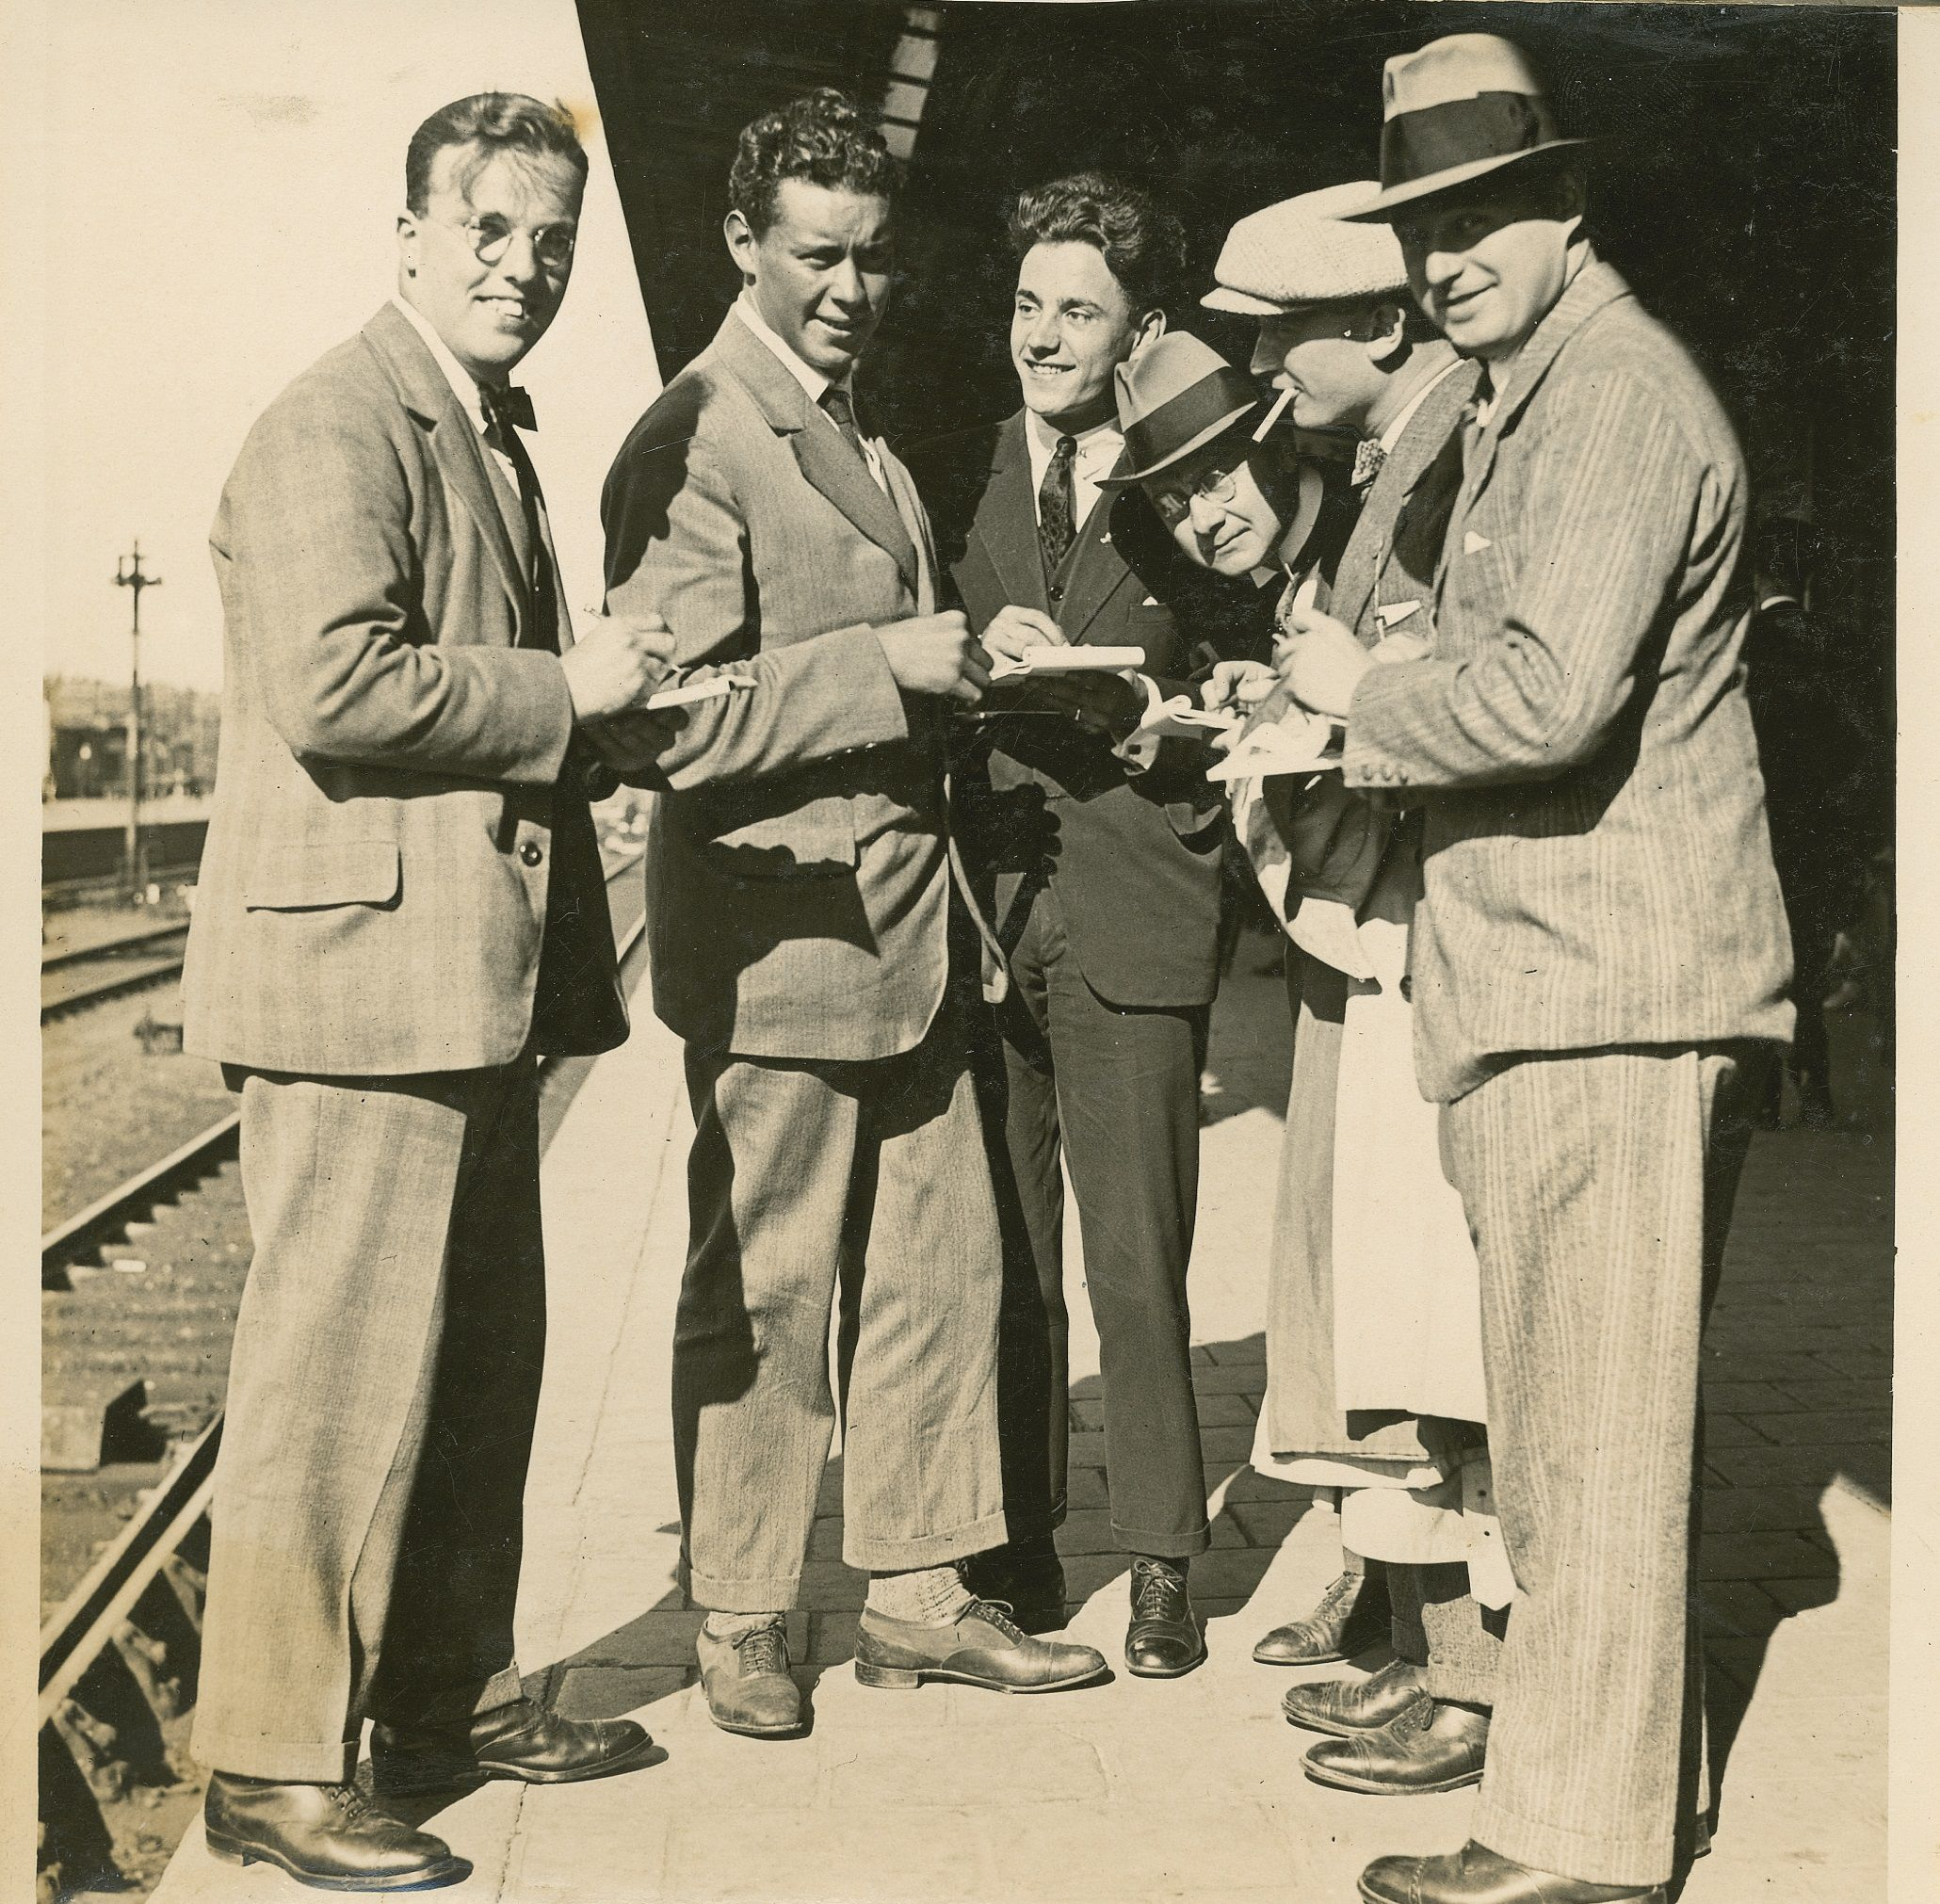 pers Nederlandse poolheld Sjef van Dongen Spitsbergen 1928 boek biografie